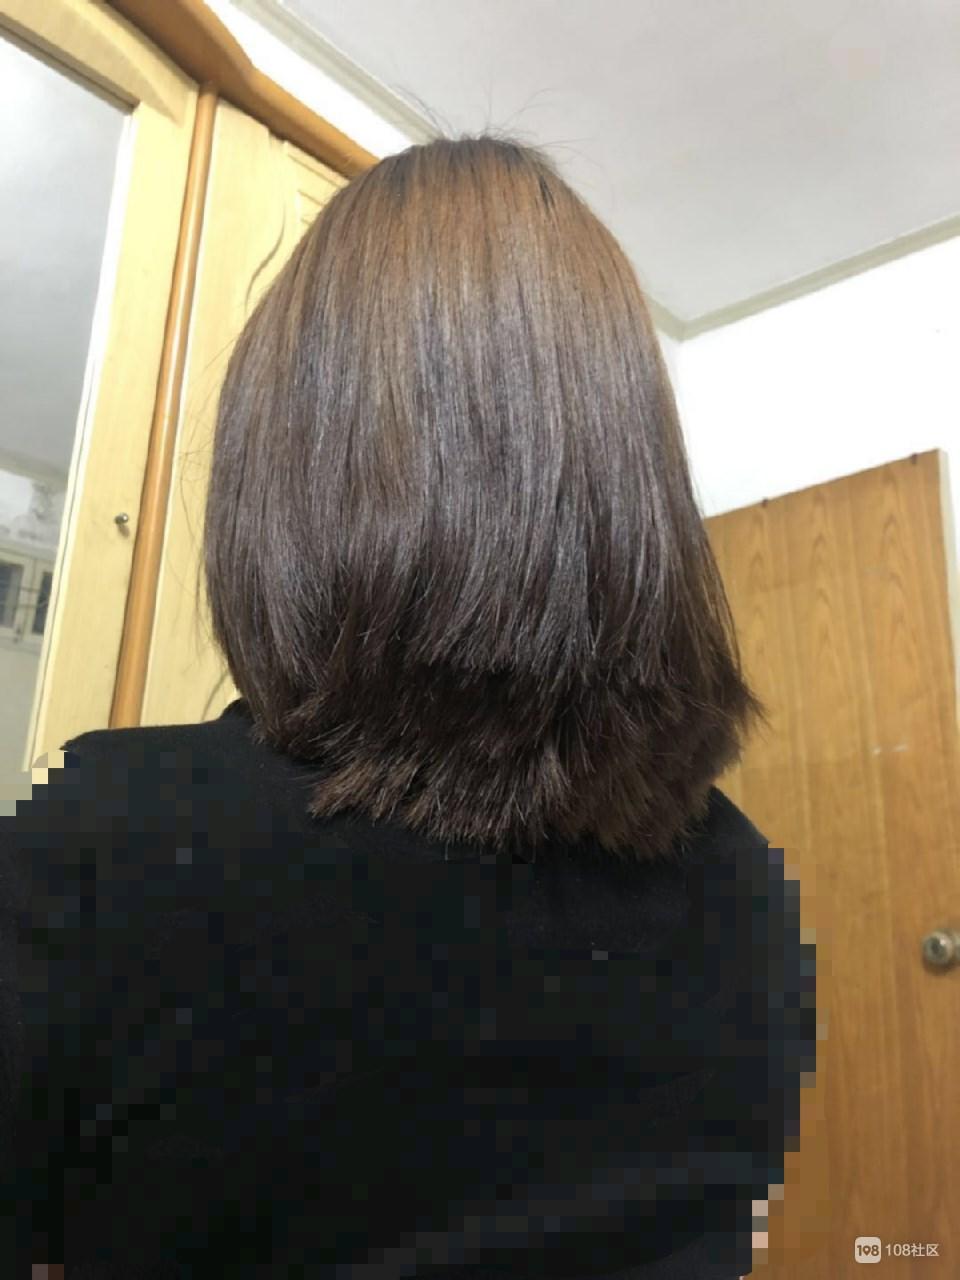 气人:花280剪的一个头发,却被朋友问是被狗啃了吗?